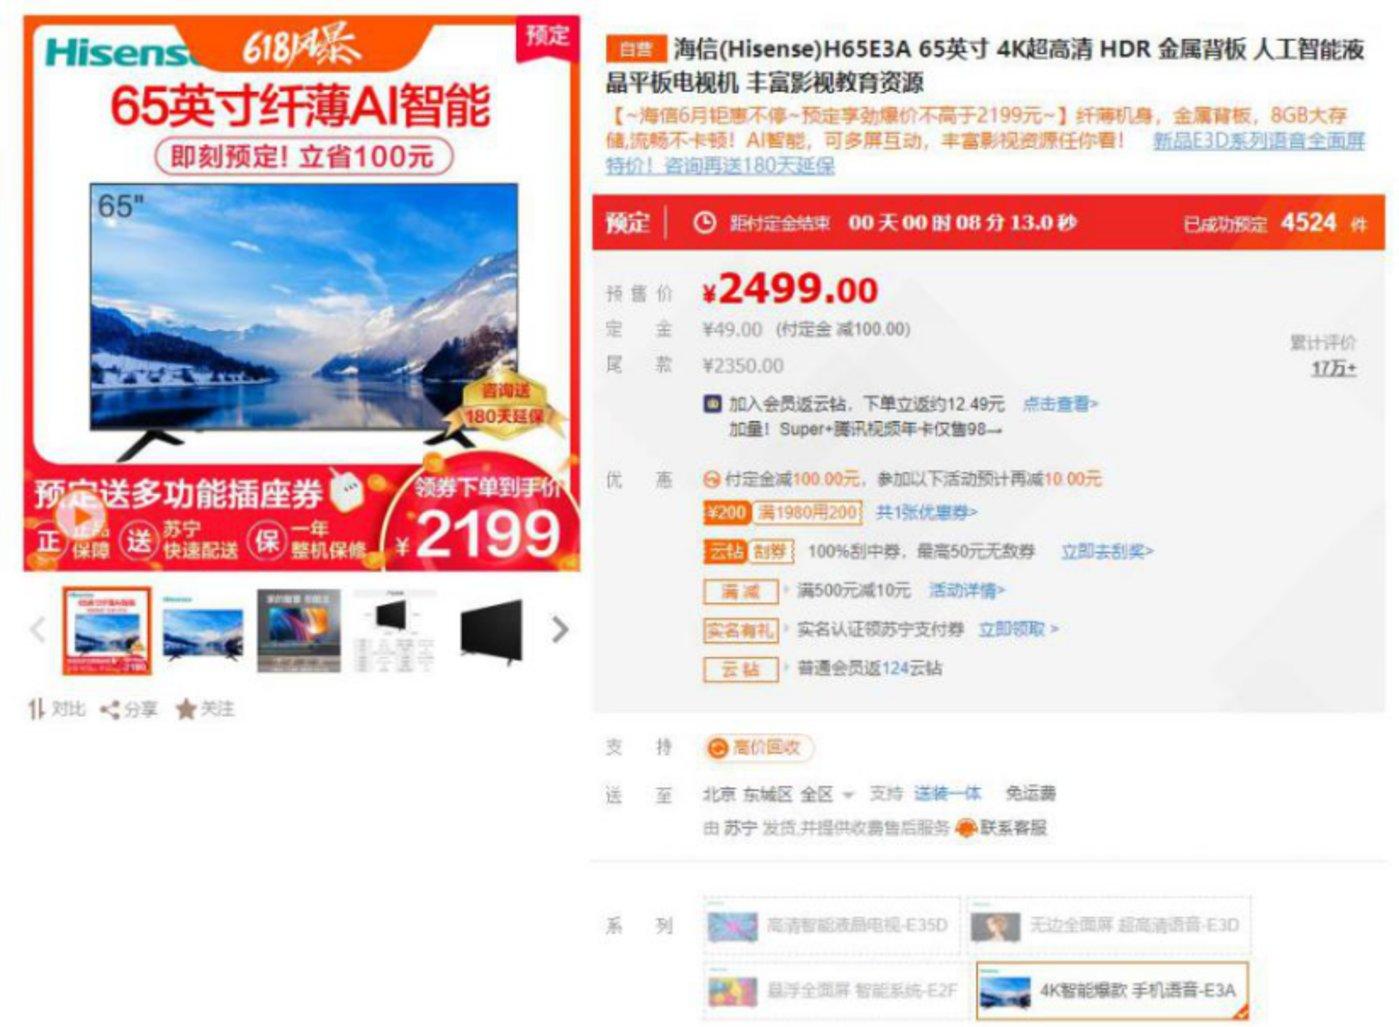 苏宁平台的相关海信电商产品